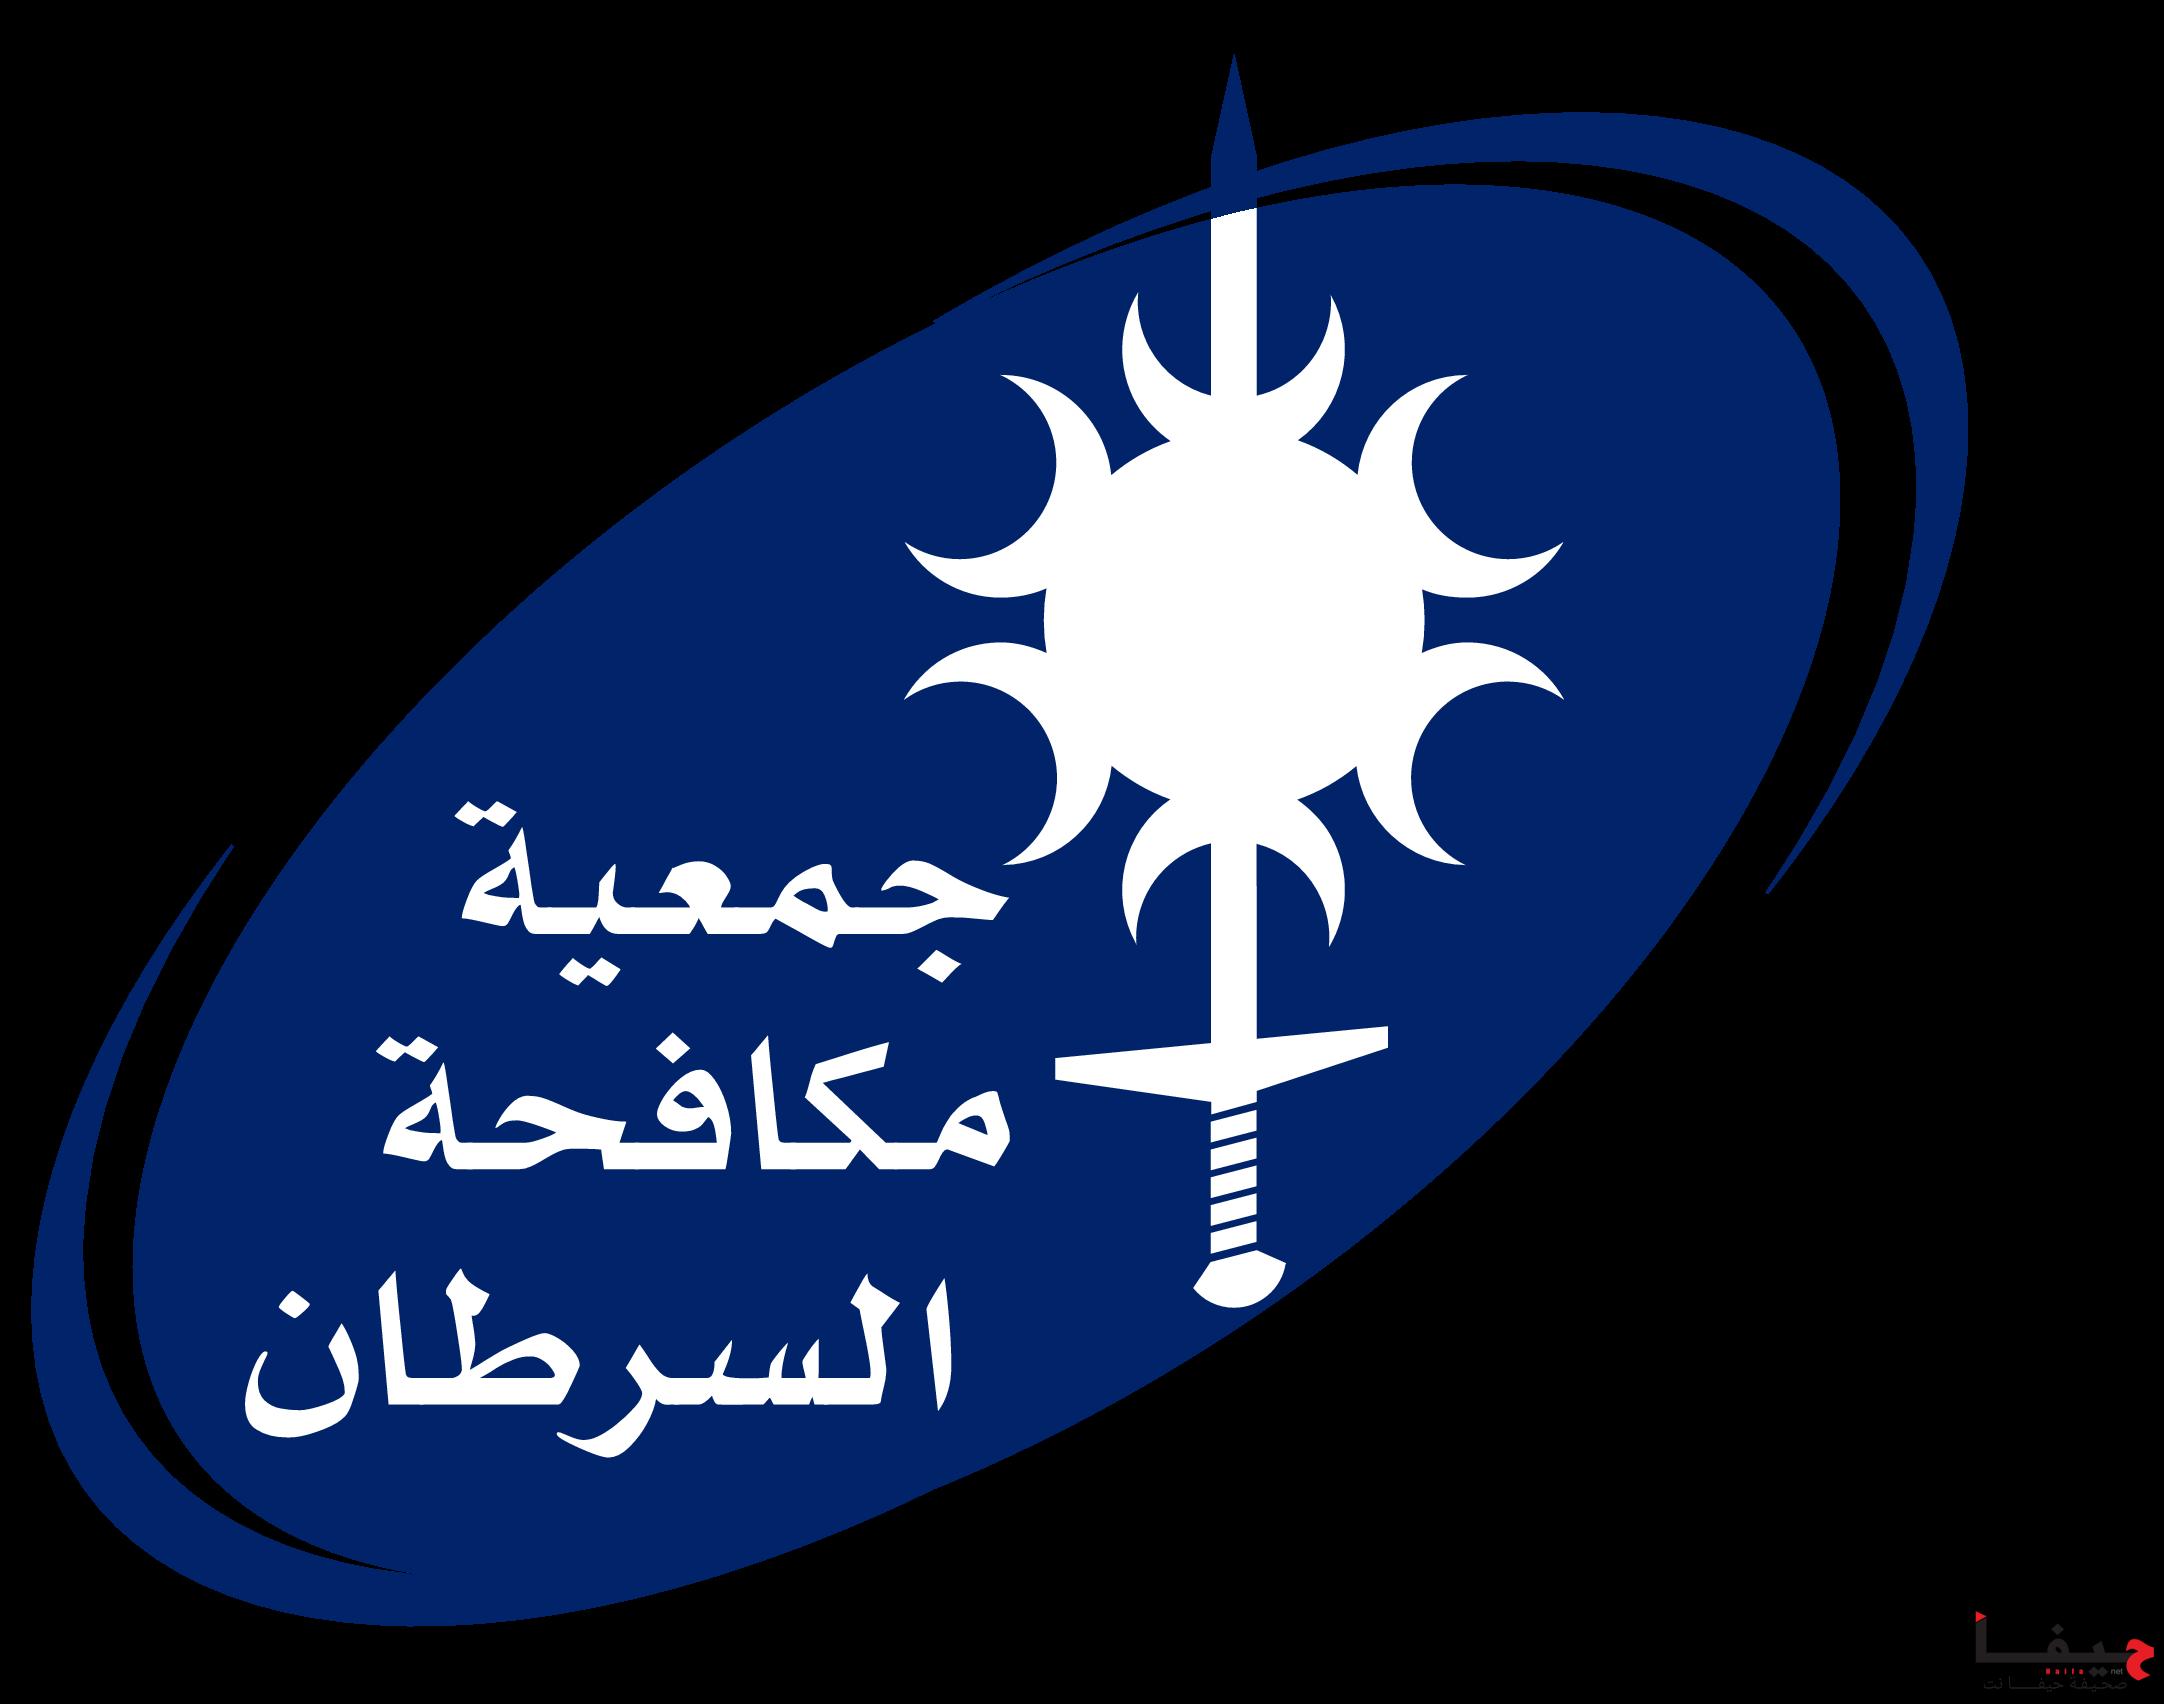 לוגו האגודה בערבית